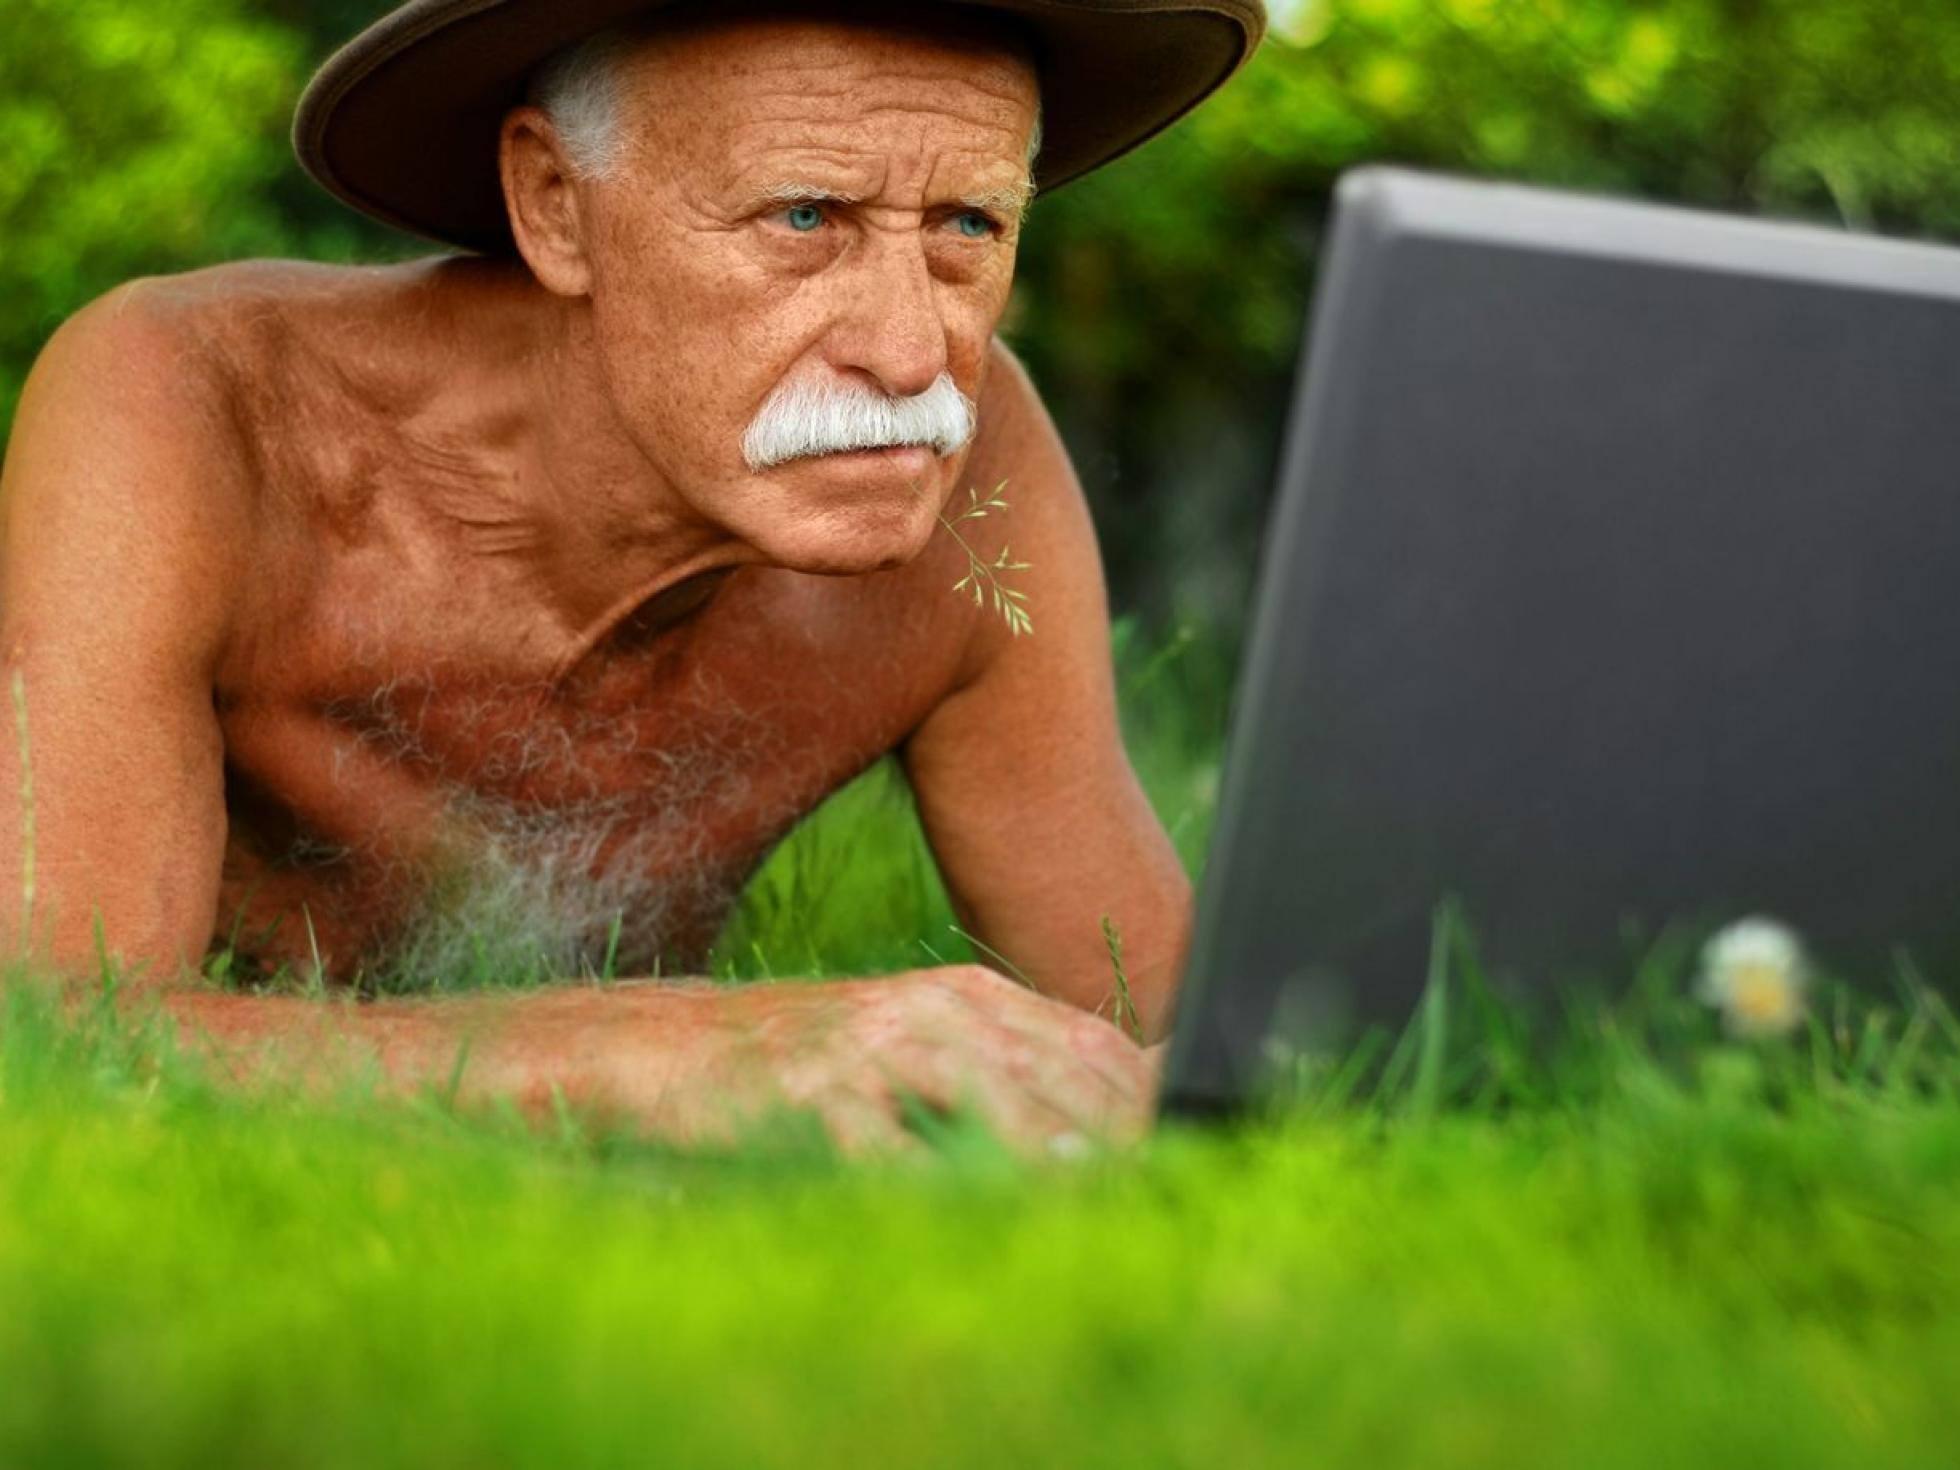 Хайпожоры: как подняться на пенсионной реформе